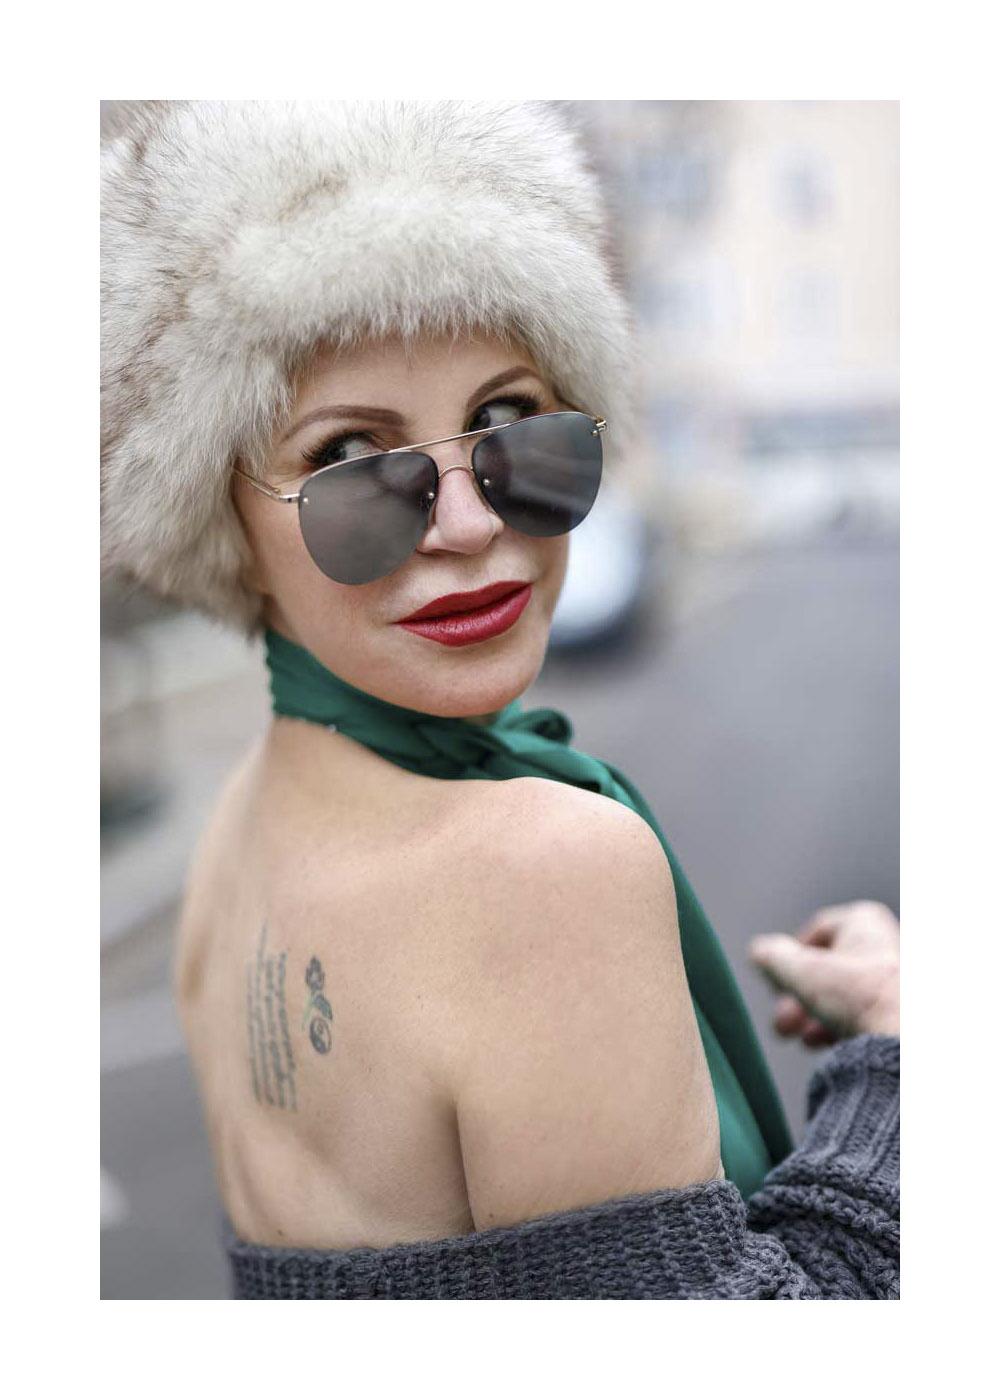 Nadja Michael Street Style Shooting In Berlin